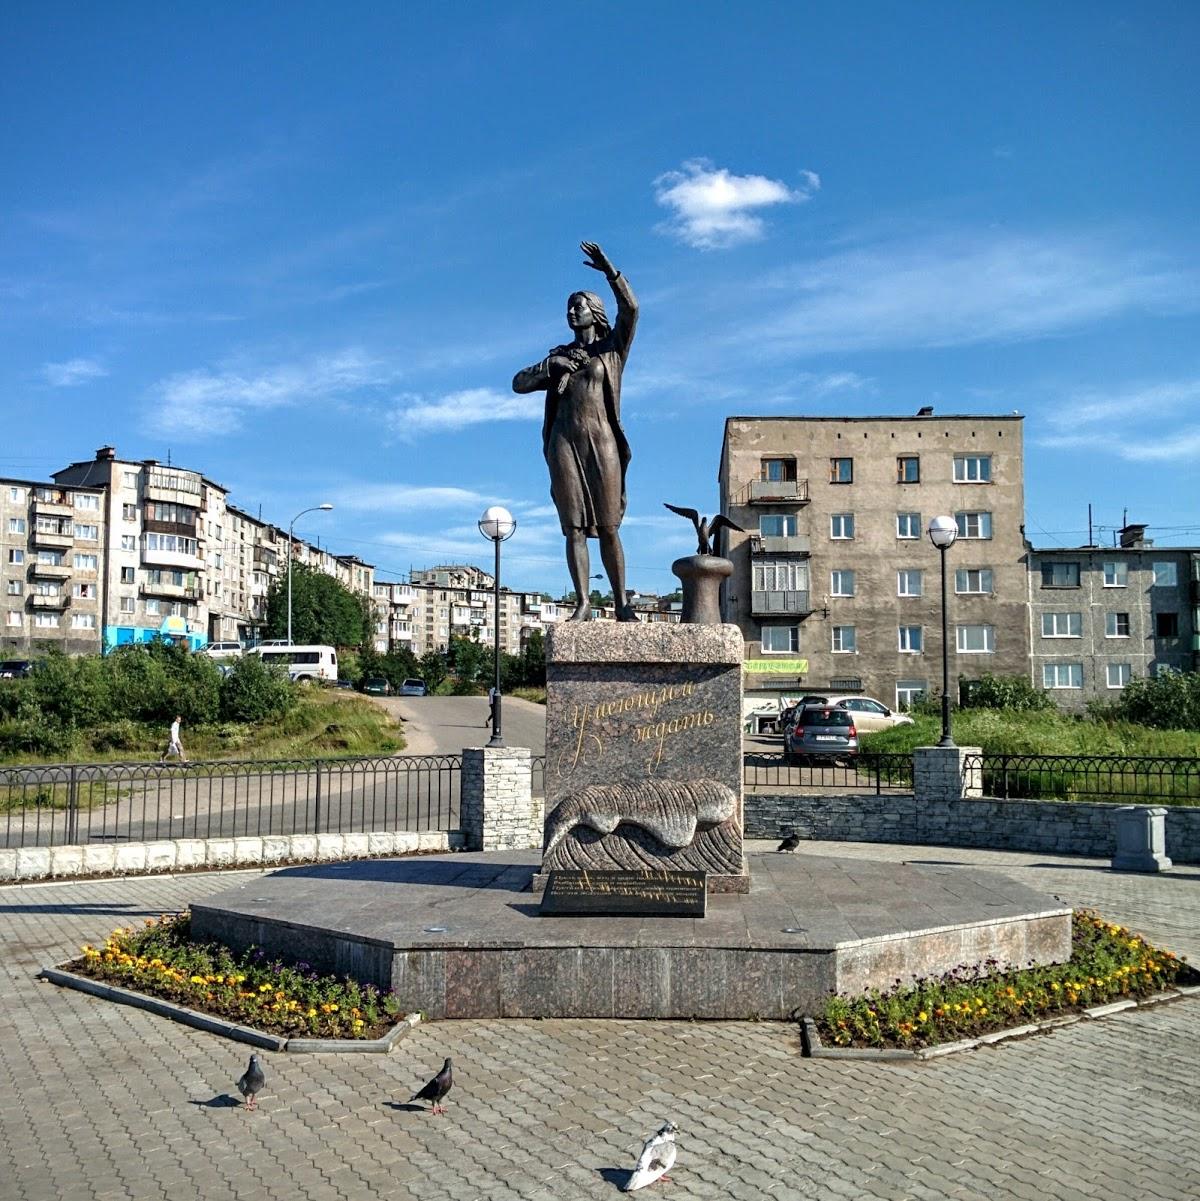 Скульптура Ждущая. Памятник женщине, ждущей своего моряка.